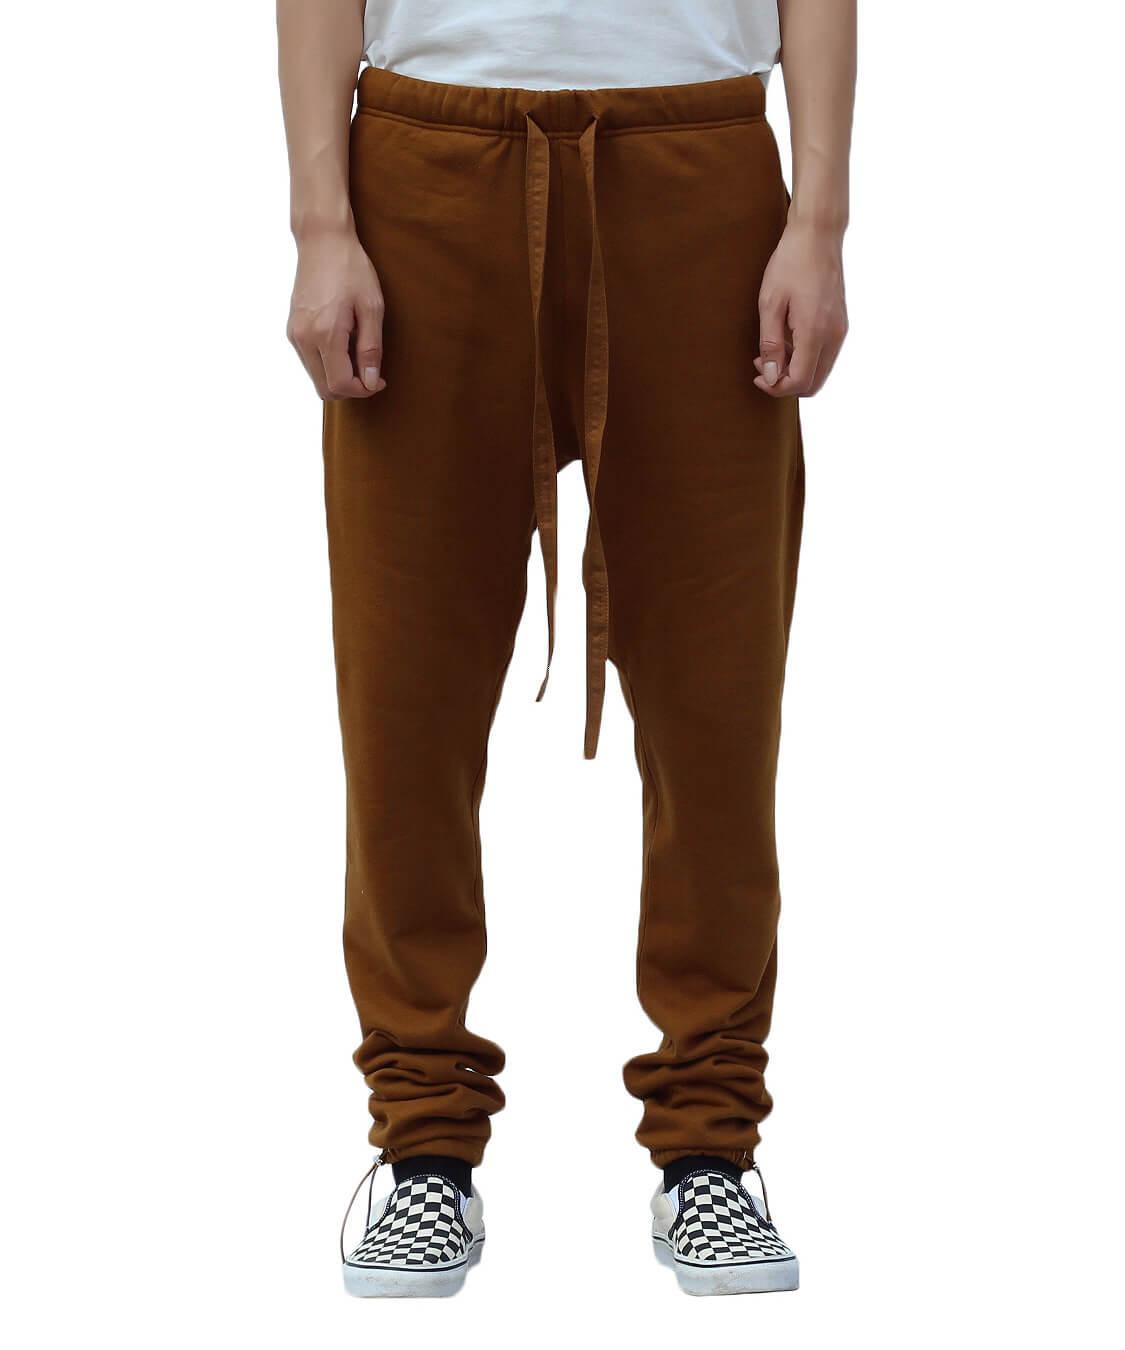 Essential Sweatpants - Brown